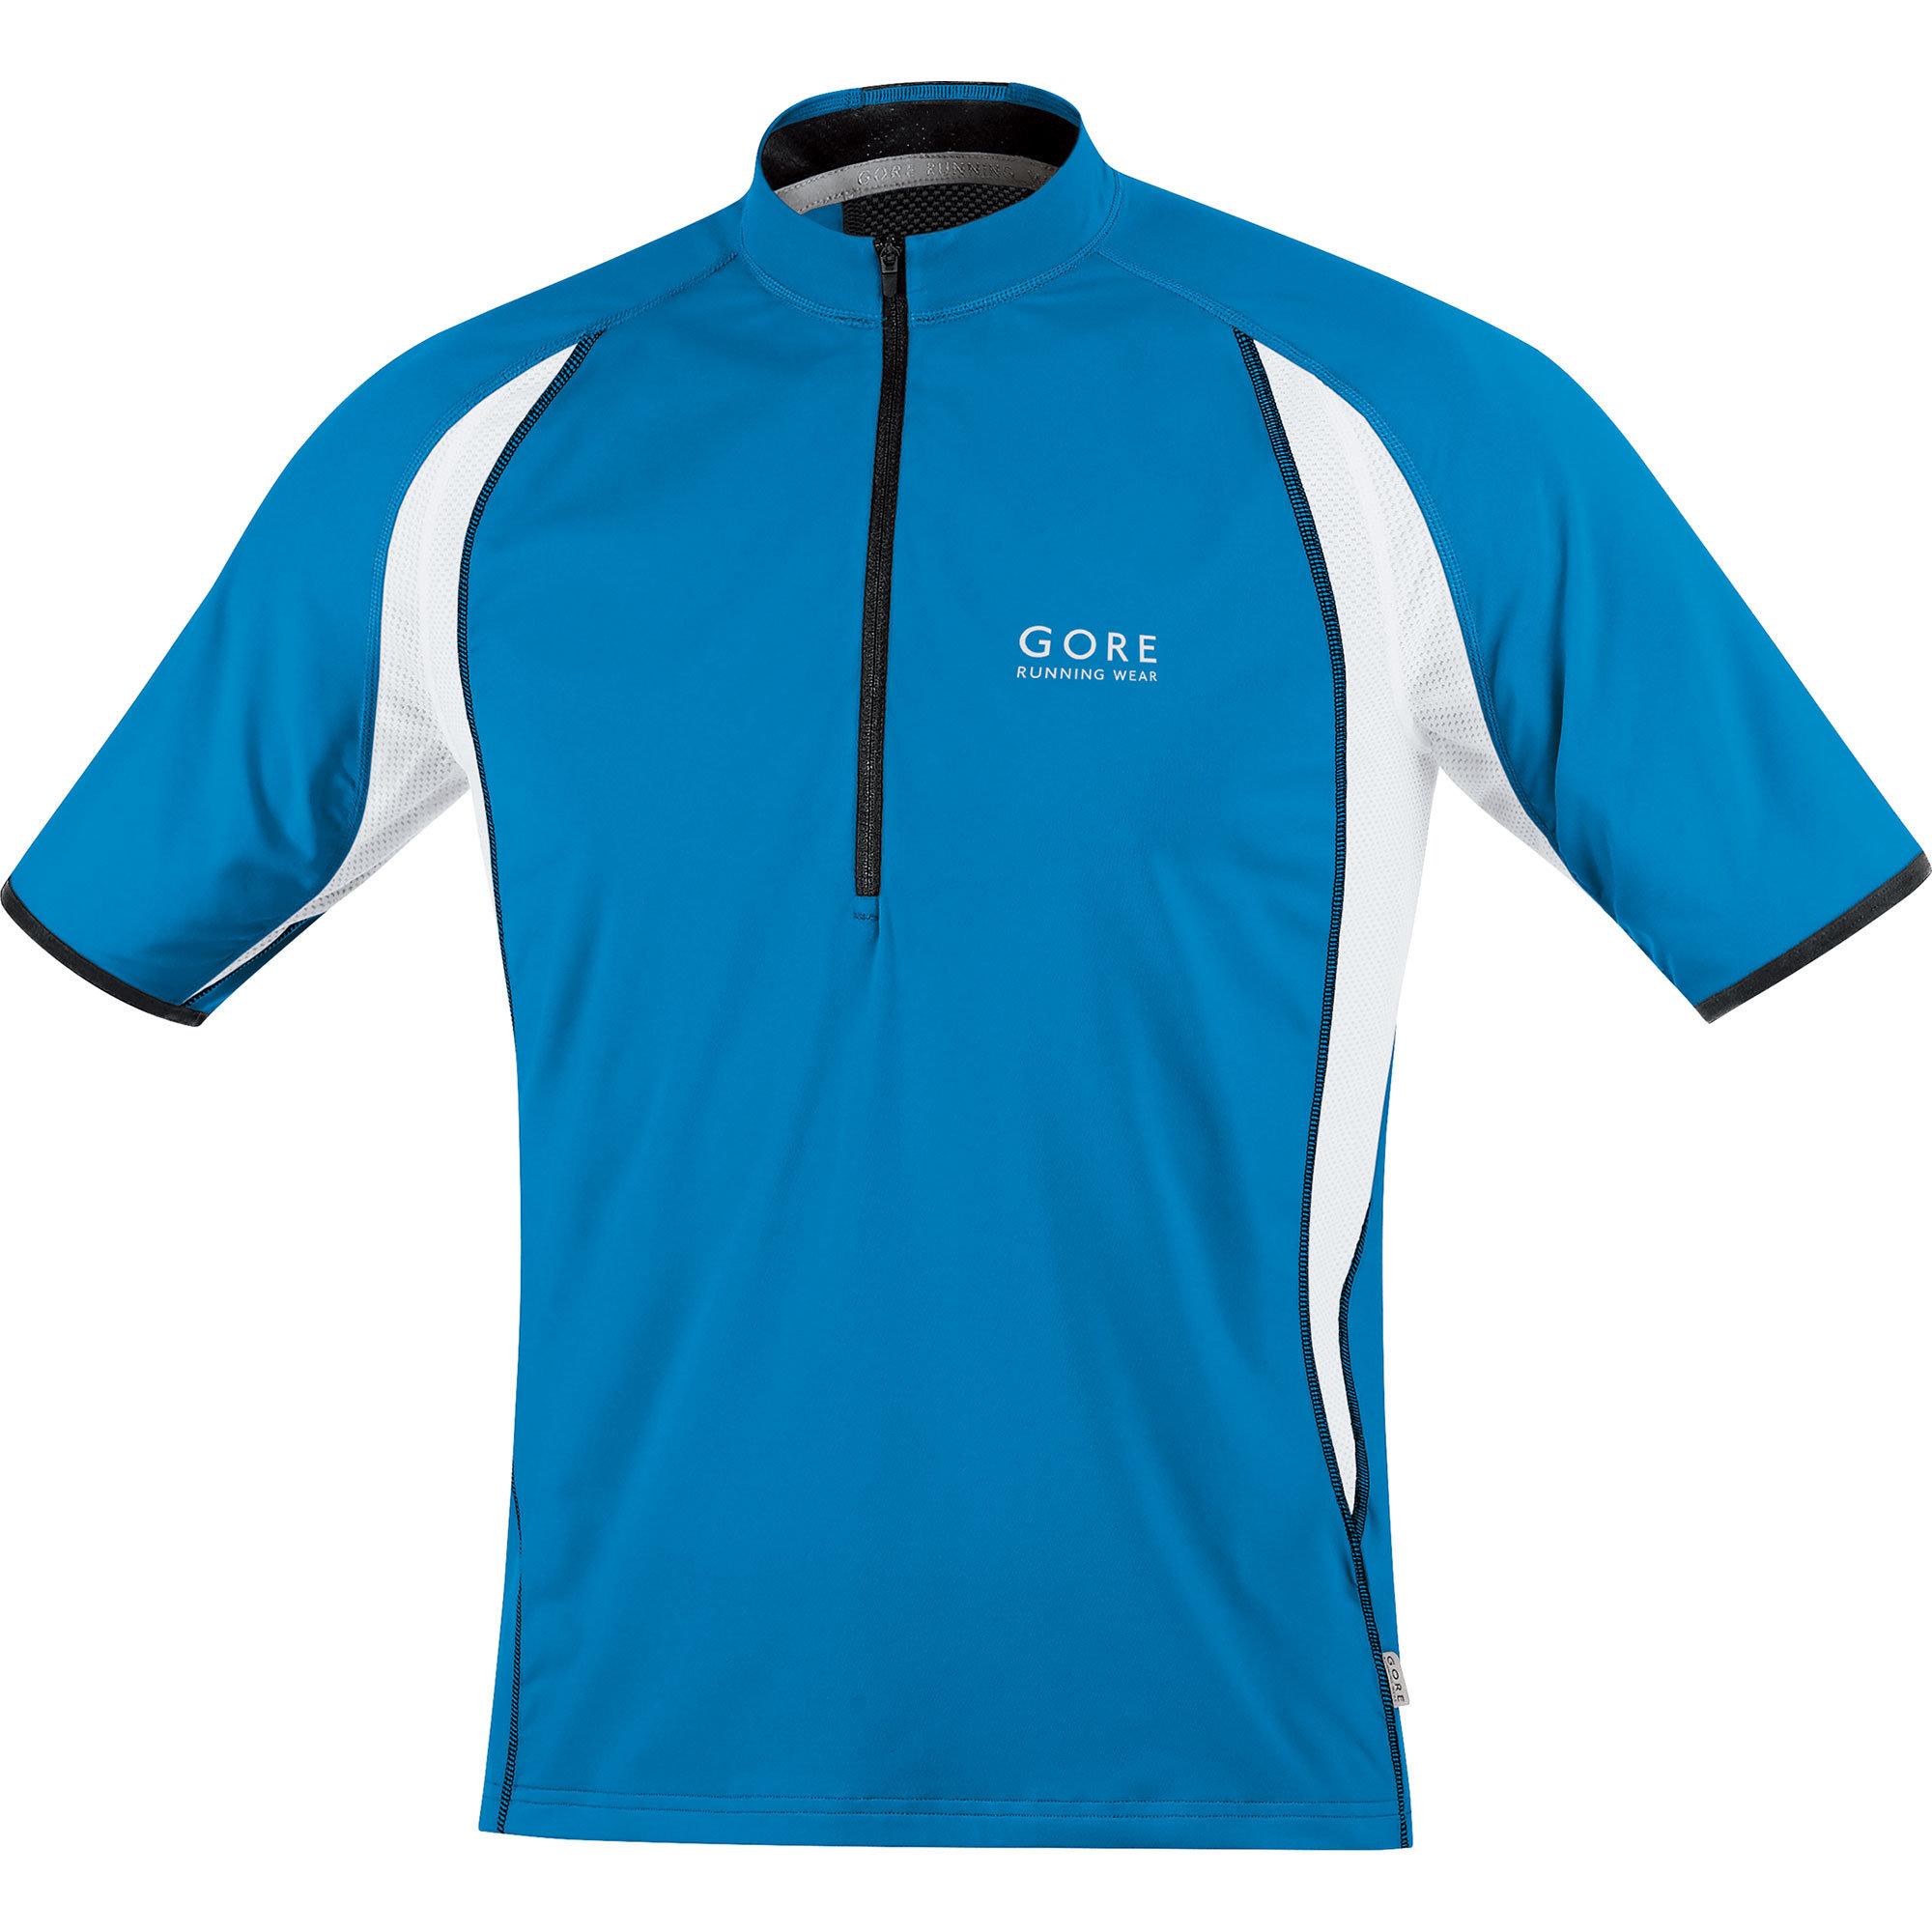 Gore Air Zip Shirt in Blau, Weiß